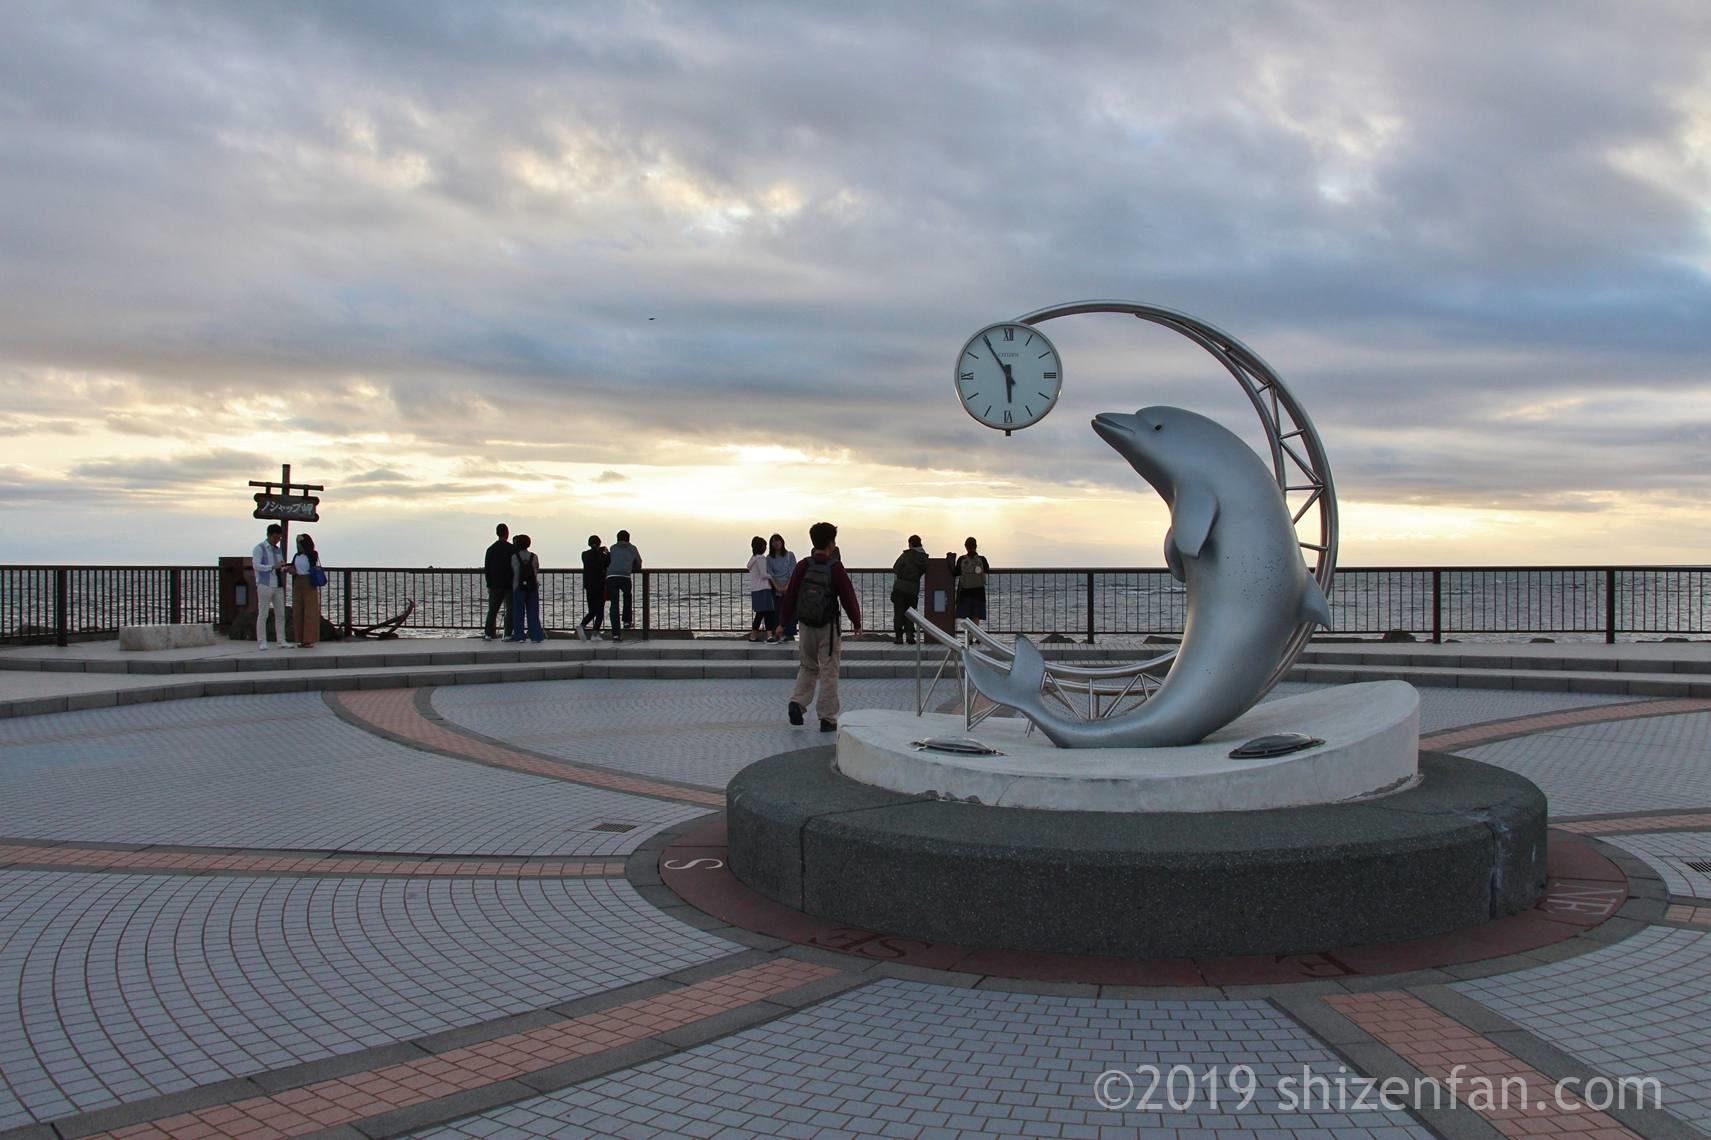 夕暮れの稚内のノシャップ岬、イルカの時計モニュメント